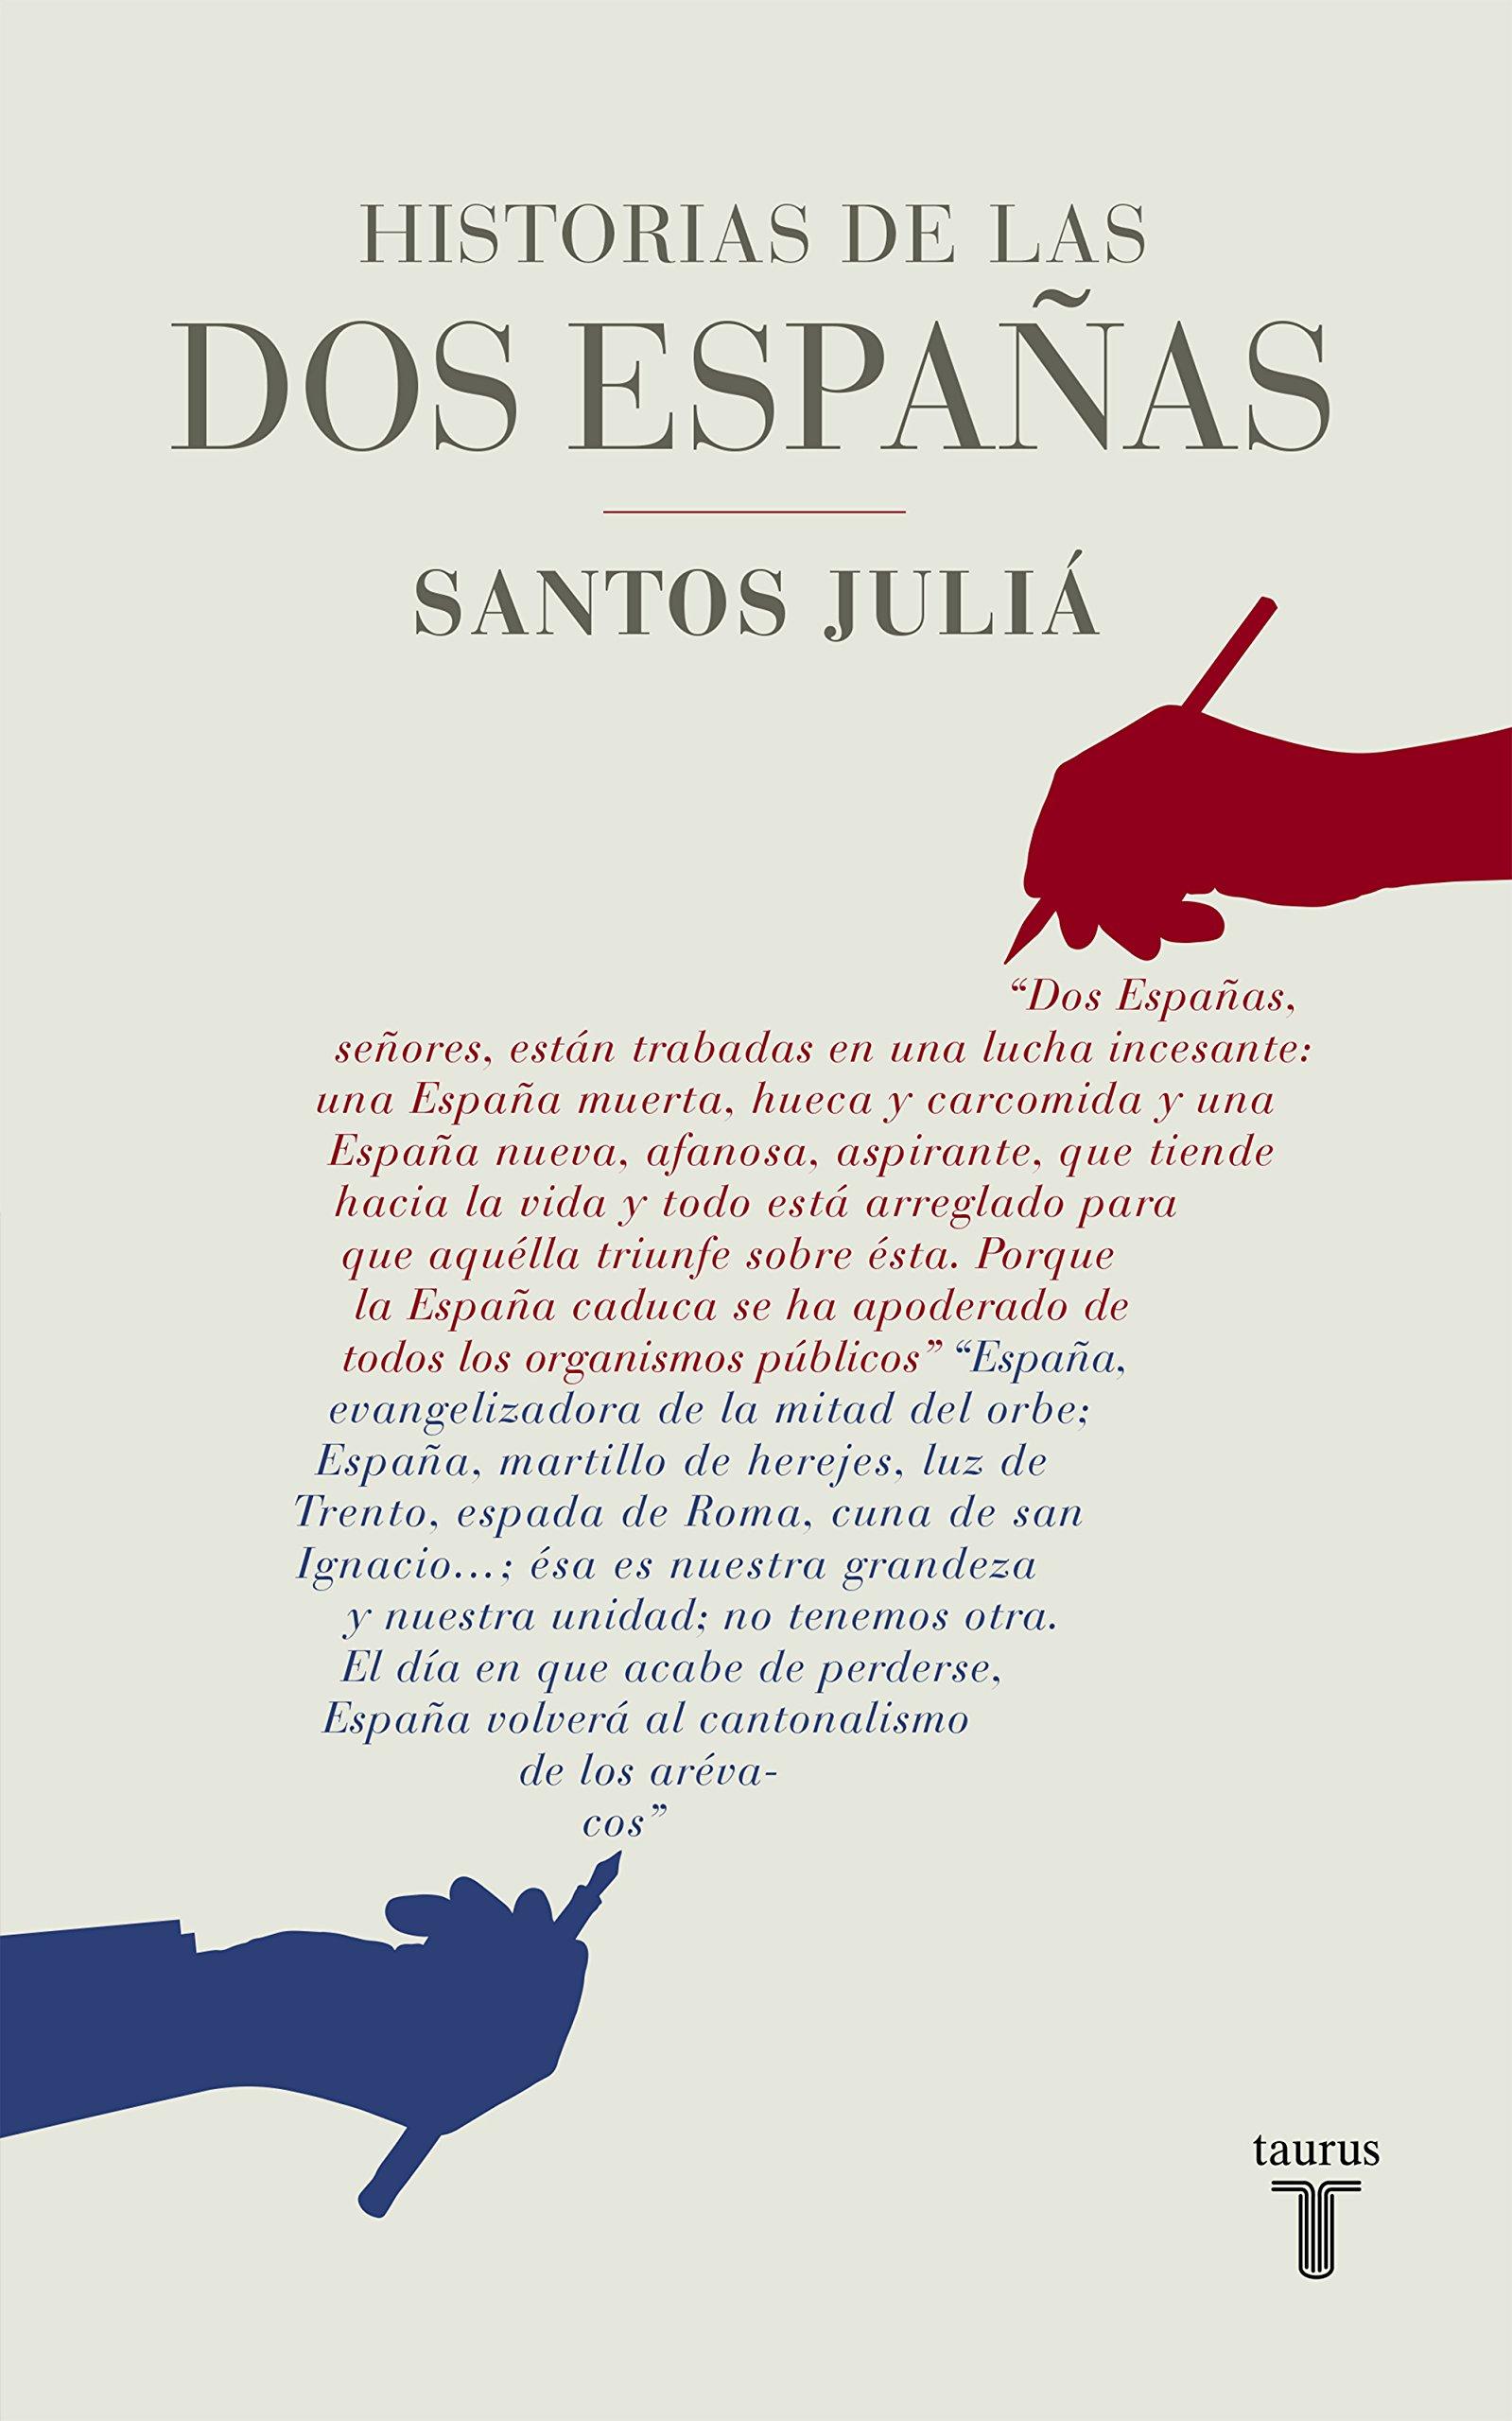 Historias de las dos Españas (Taurus Historia): Amazon.es: Santos Juliá: Libros